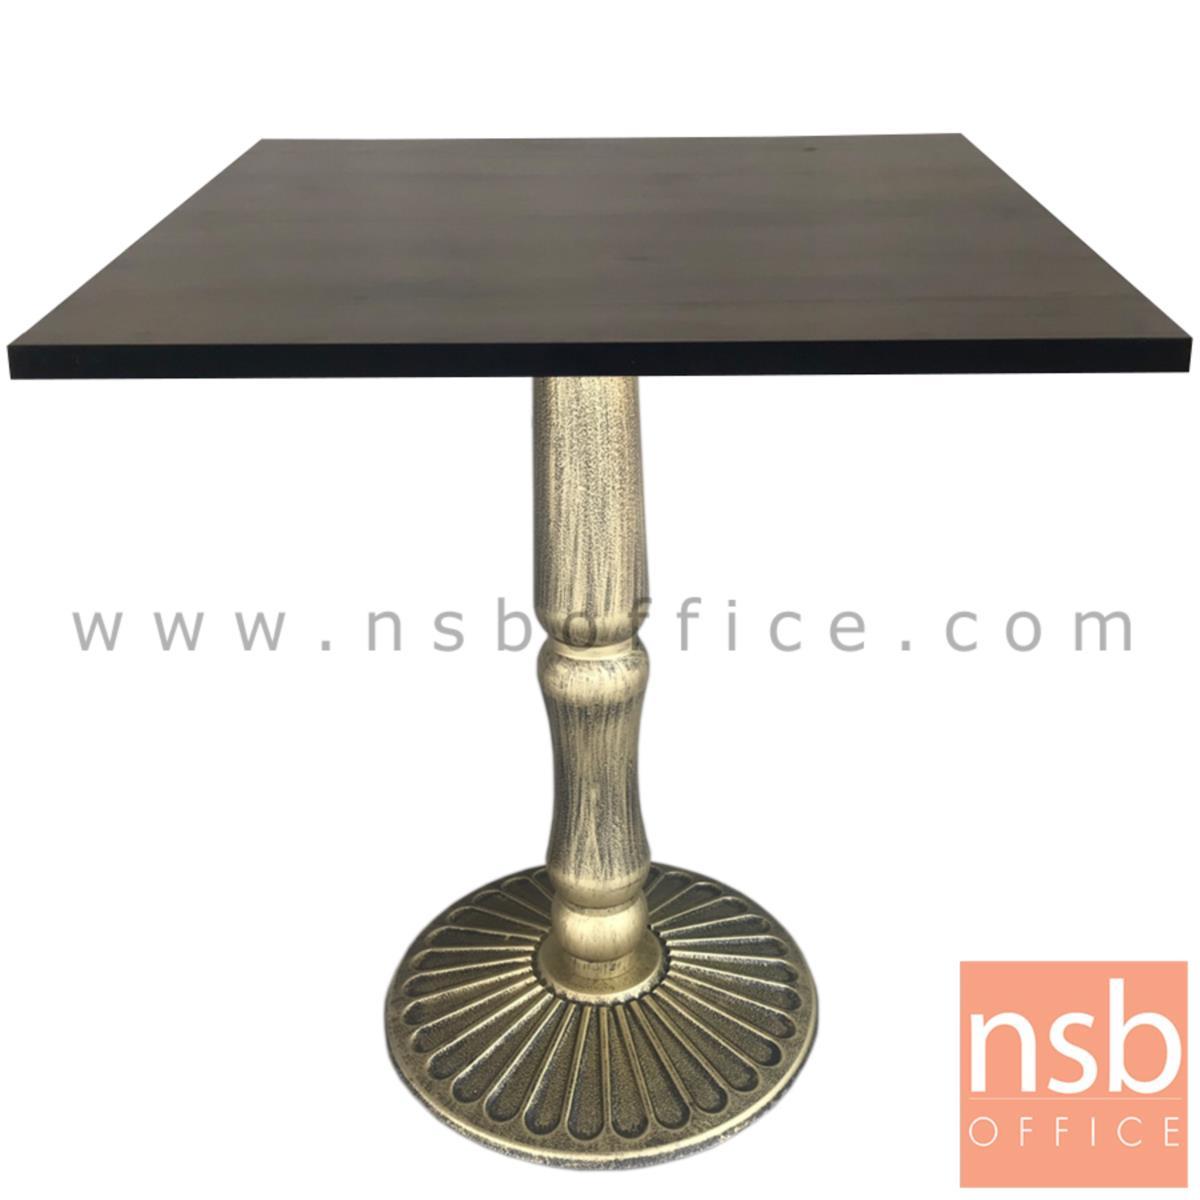 ขาโต๊ะบาร์จานกลมทรงหมูกระทะ สีทองเส้นดำ รุ่น BBQ